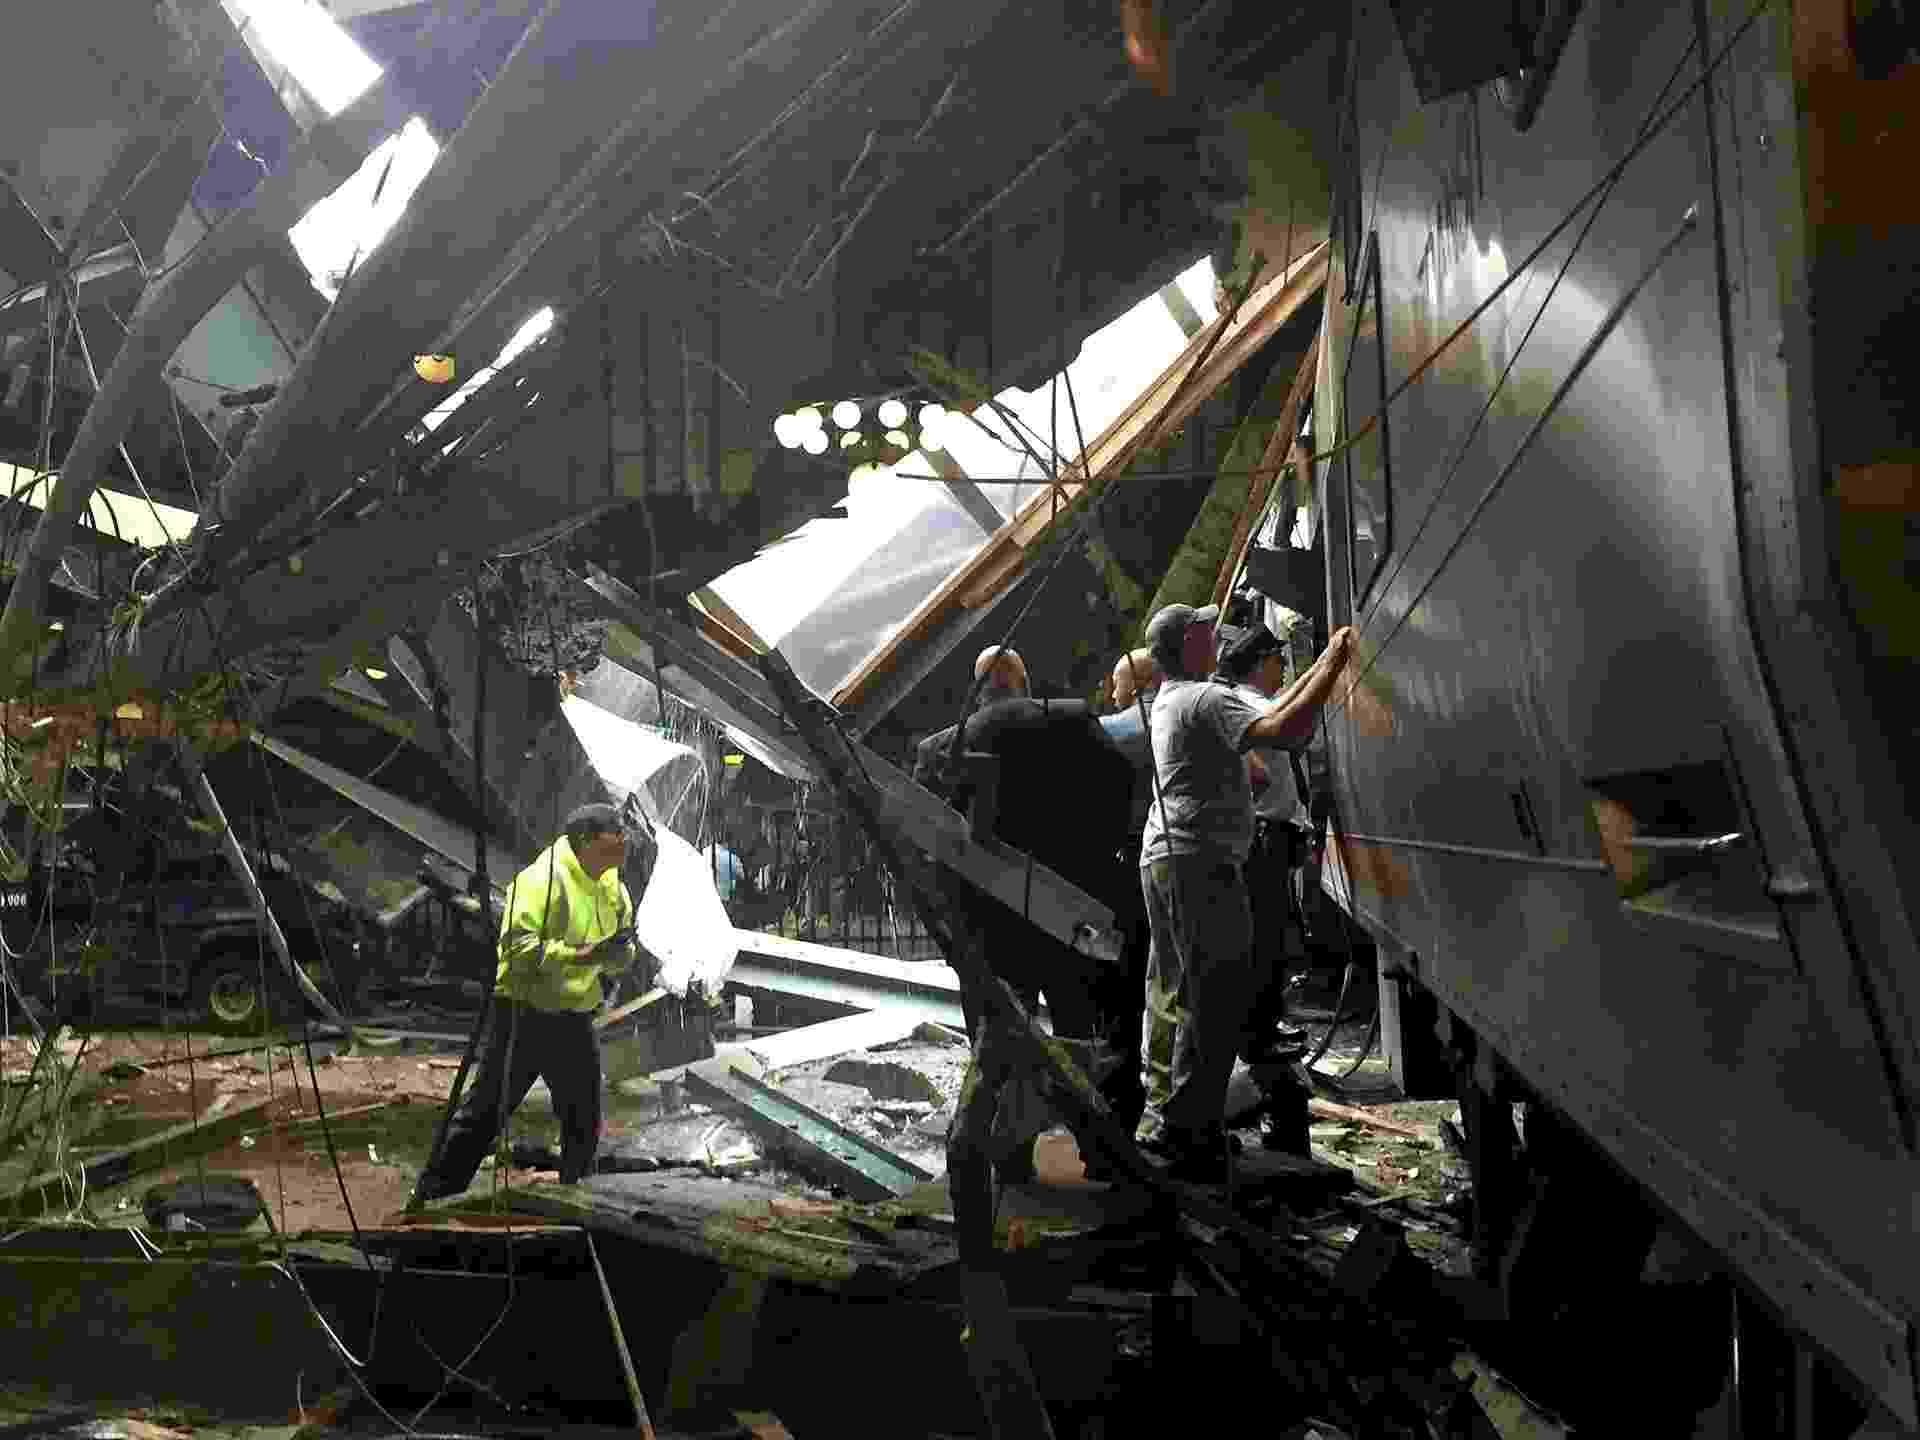 29.set.2016 - Equipe inspeciona trem após acidente em estação de Hoboken, em Nova Jersey - Pancho Bernasconi/Getty Images/AFP